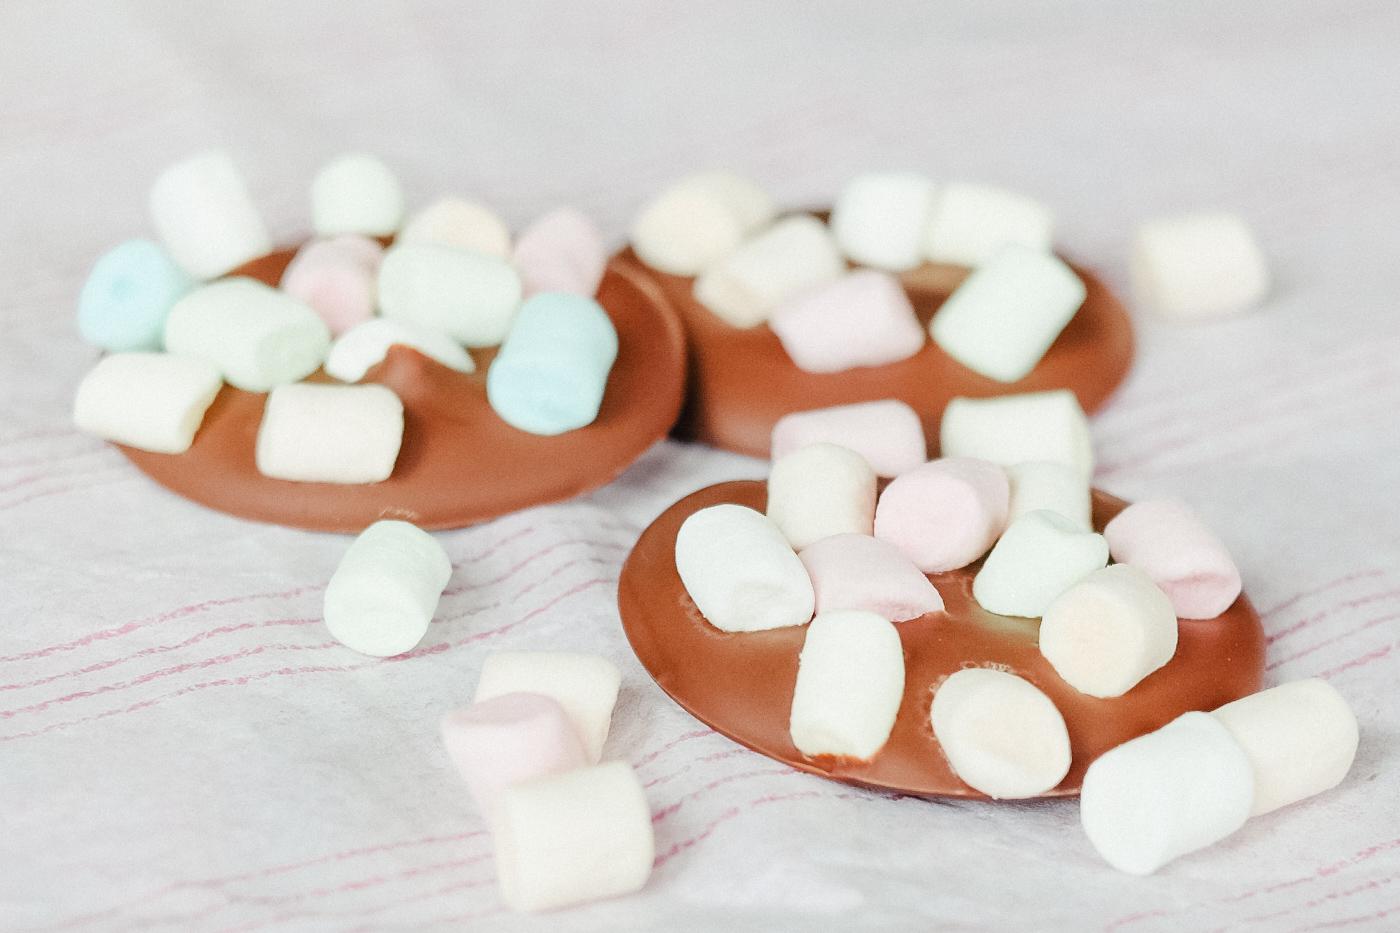 selbstgemachtes geschenk zum valentinstag schokolade rezept 7 ninastrada. Black Bedroom Furniture Sets. Home Design Ideas